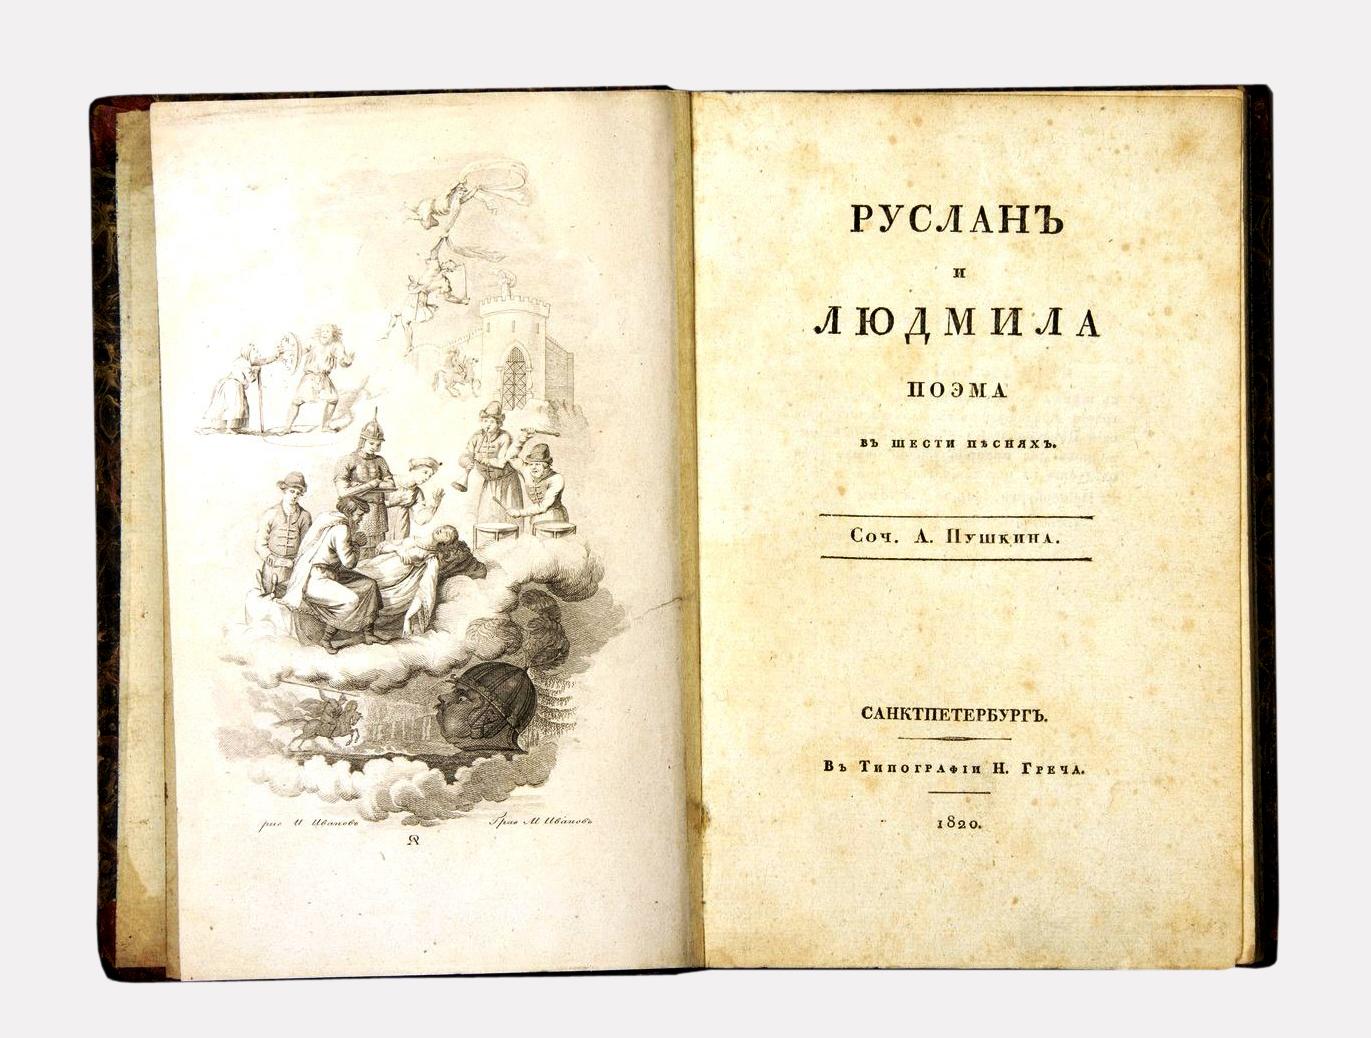 Титульный лист первого издания поэмы Александра Пушкина «Руслан и Людмила» (1820)